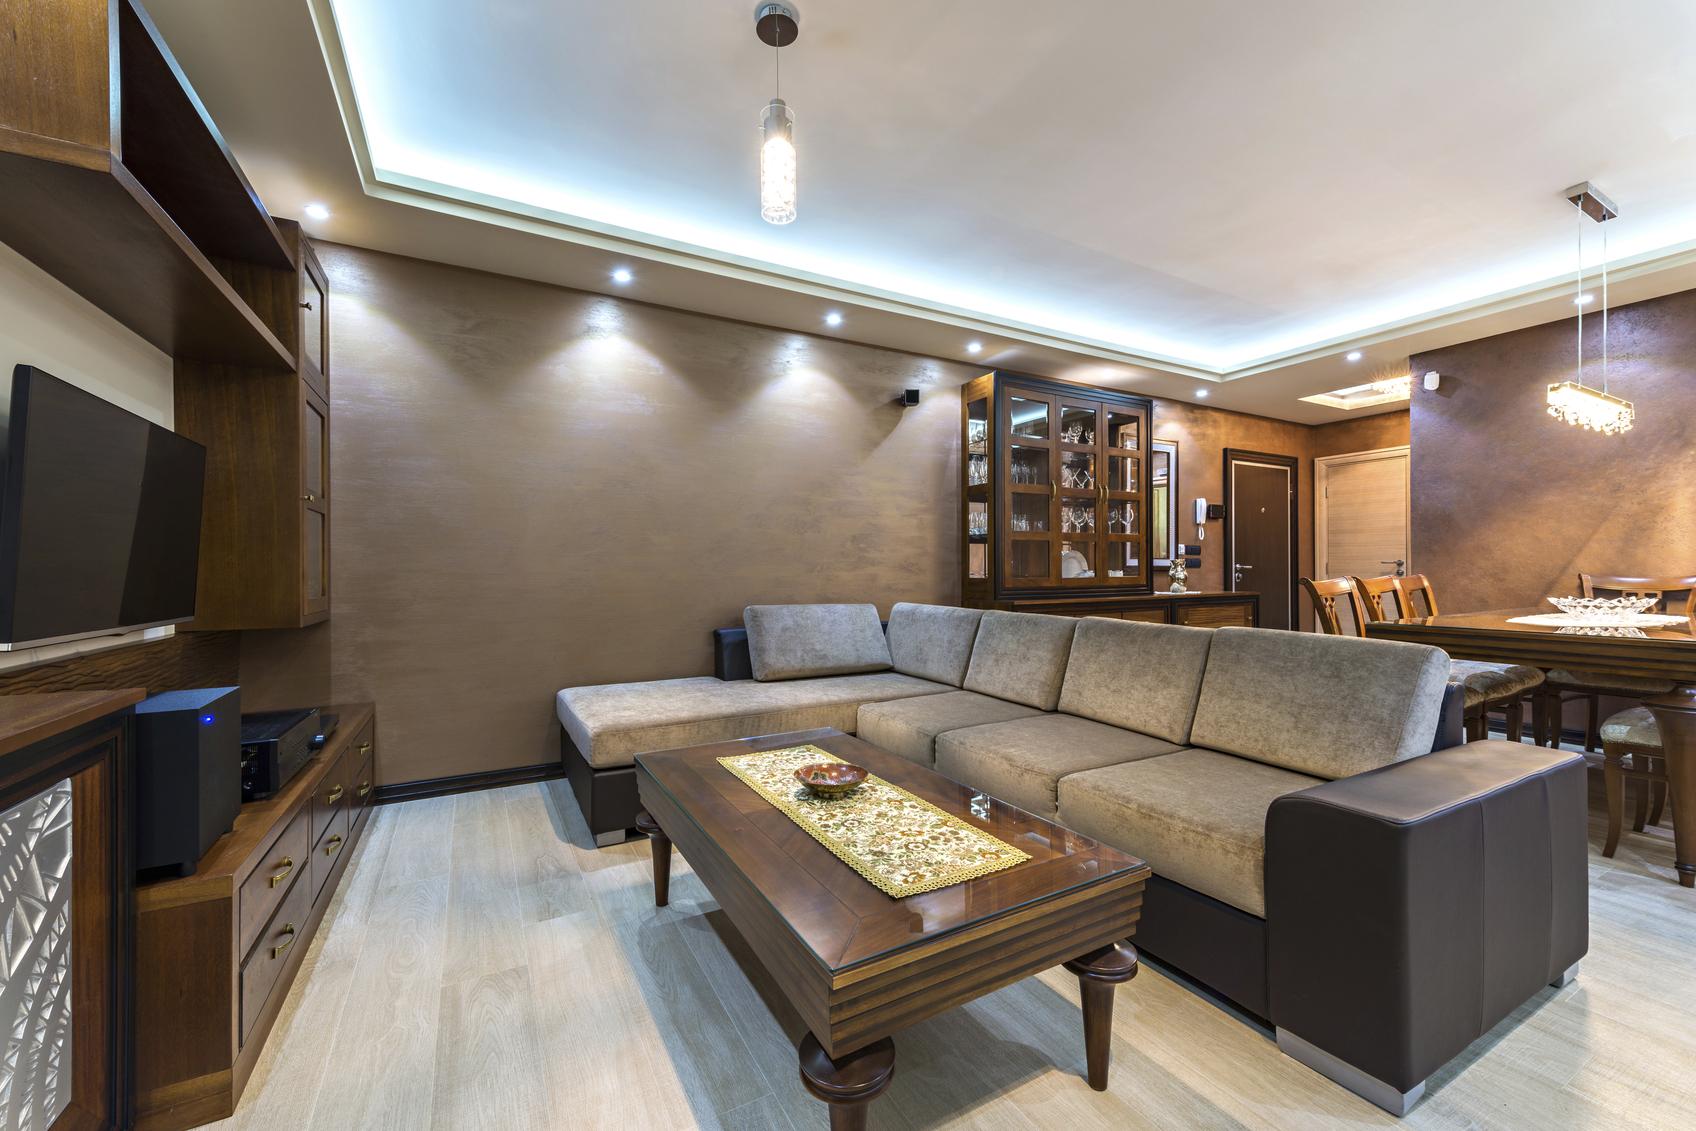 Illuminare la casa i vantaggi della scelta dei led - Esempi di illuminazione a led per interni ...